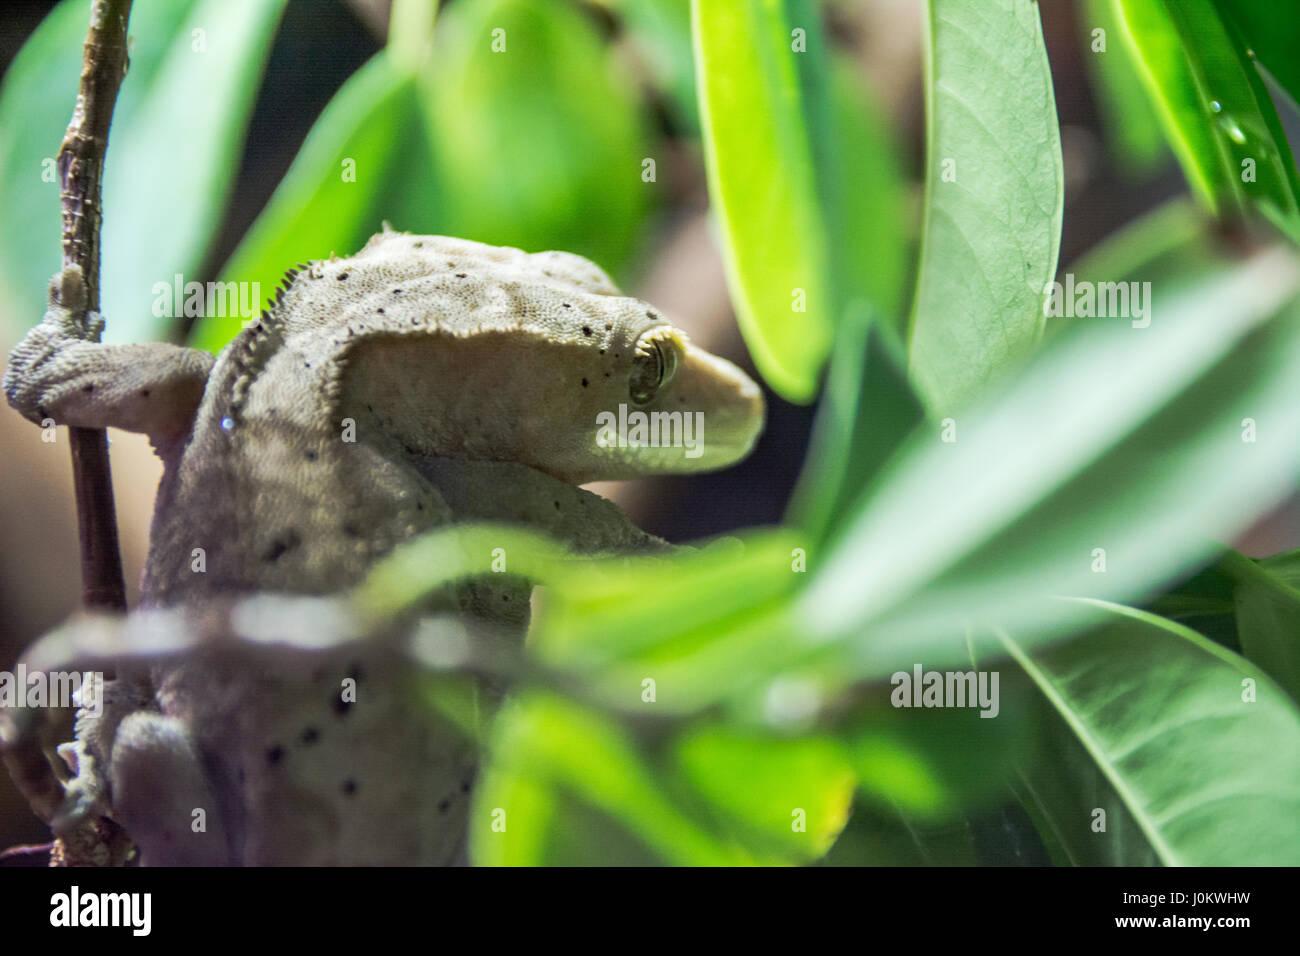 Gecko cilié rare de se cacher dans le feuillage Photo Stock